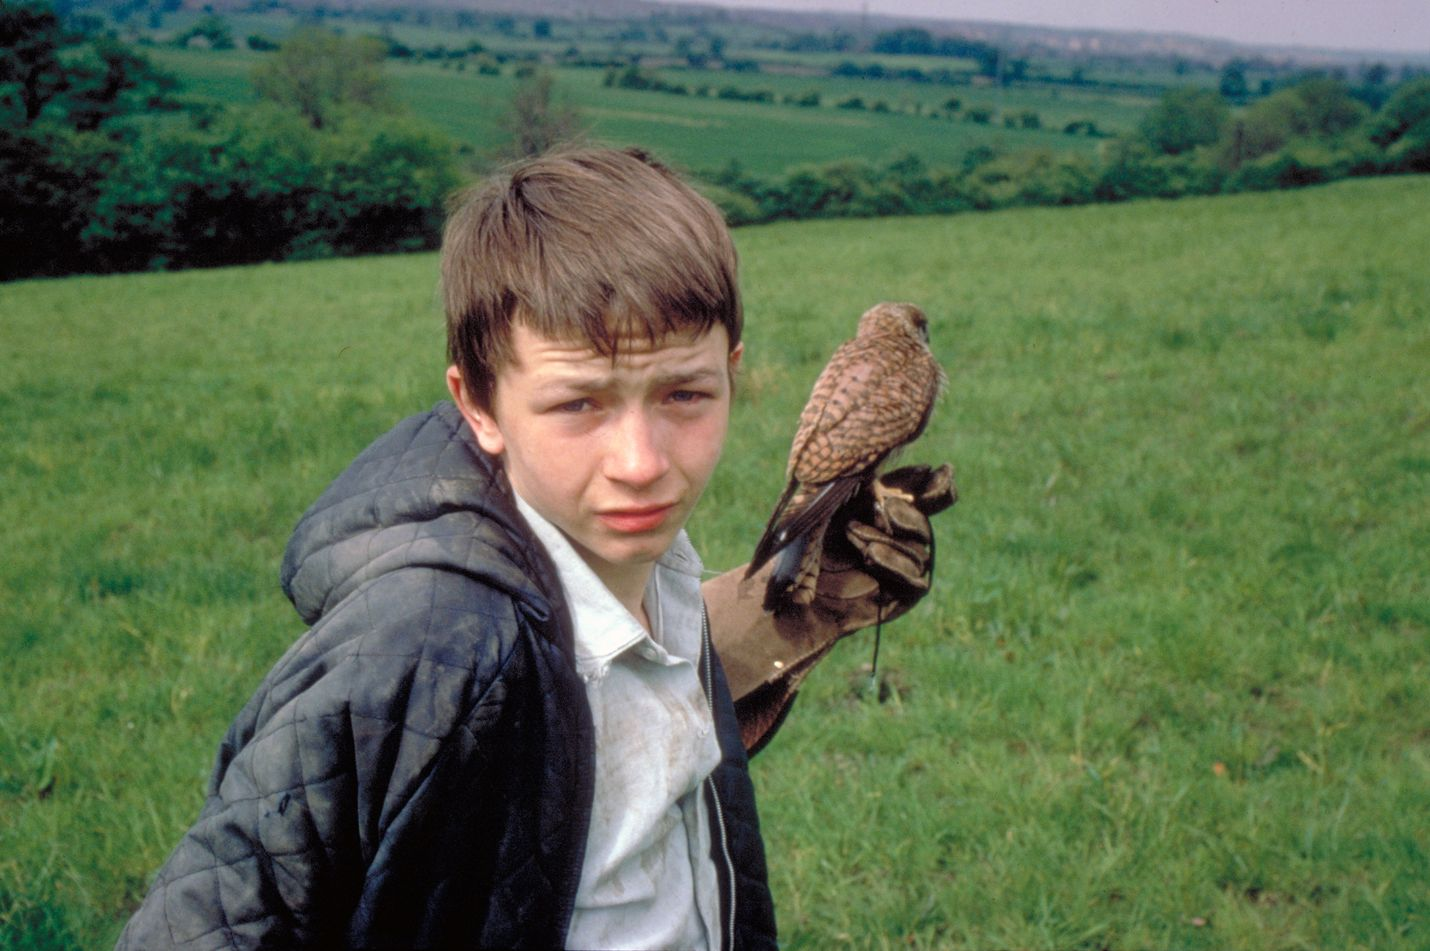 Työläisperheen pojan Billyn (David Bradley) arki on karua ja yksinäistä, mutta hän löytää lohtua kesyttämästään haukasta.